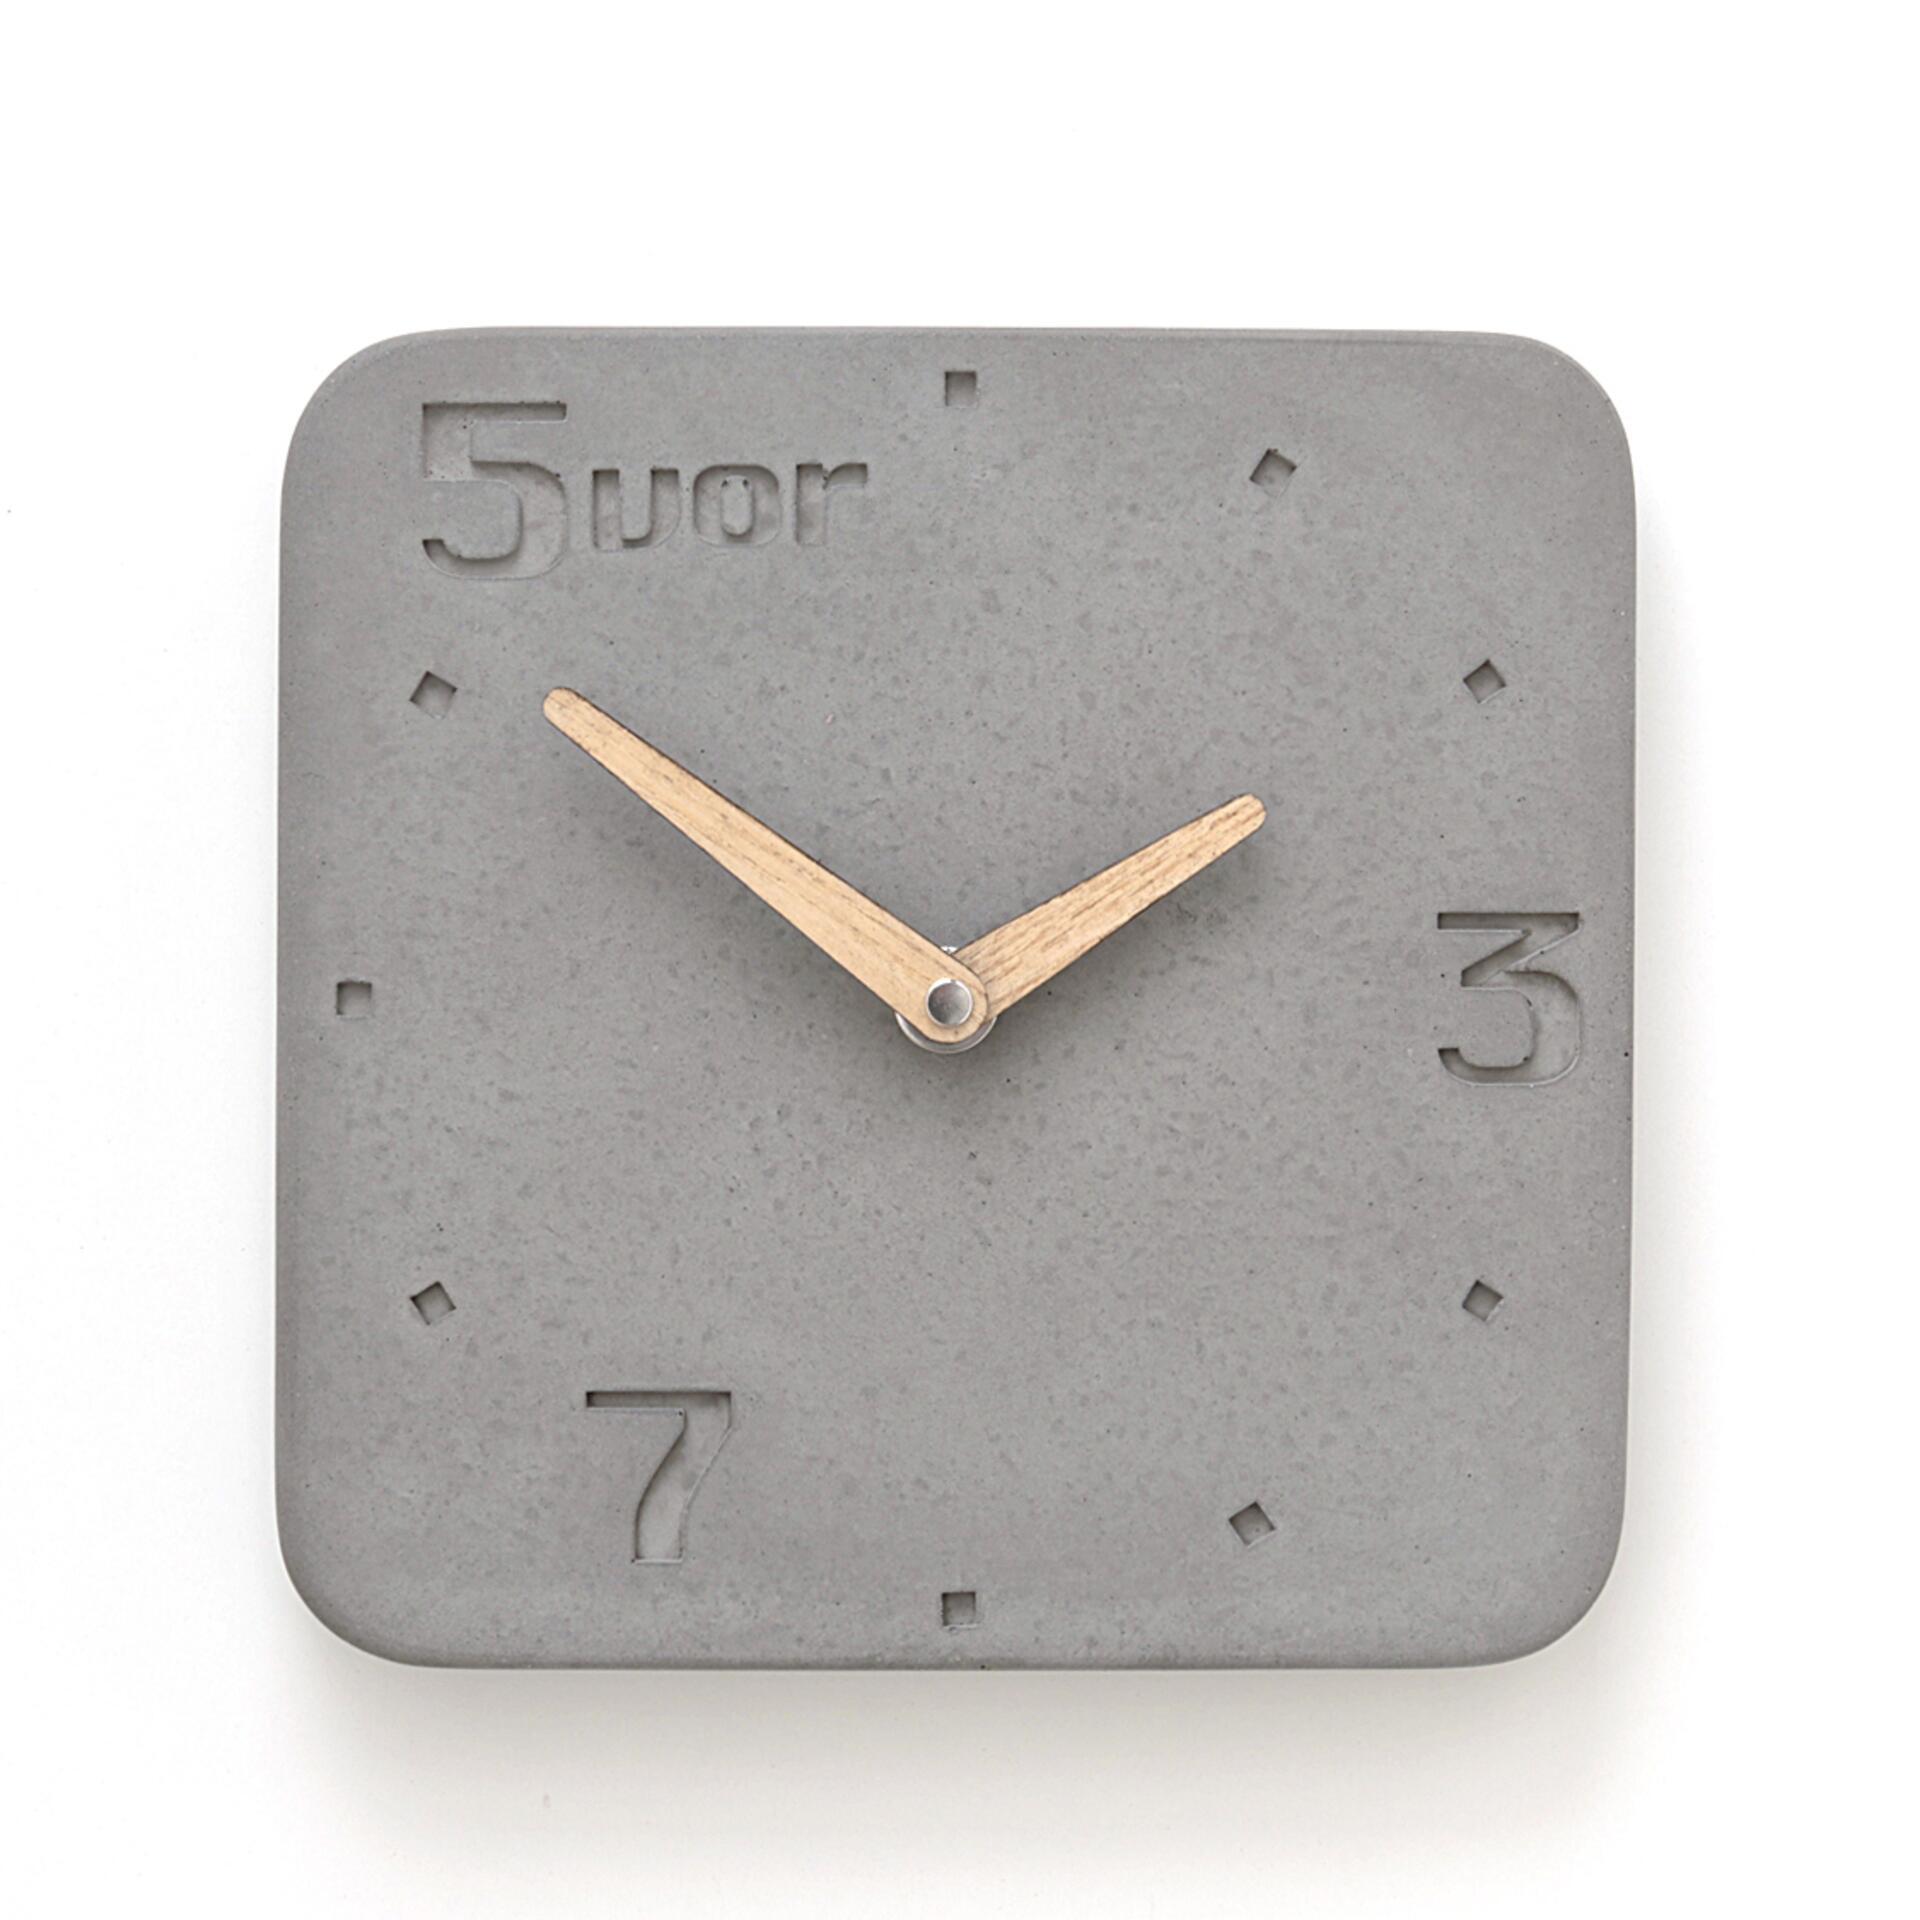 Wertwerke Wanduhr aus Beton 5VOR Grau 20 x 20 cm Esche Vollflächig